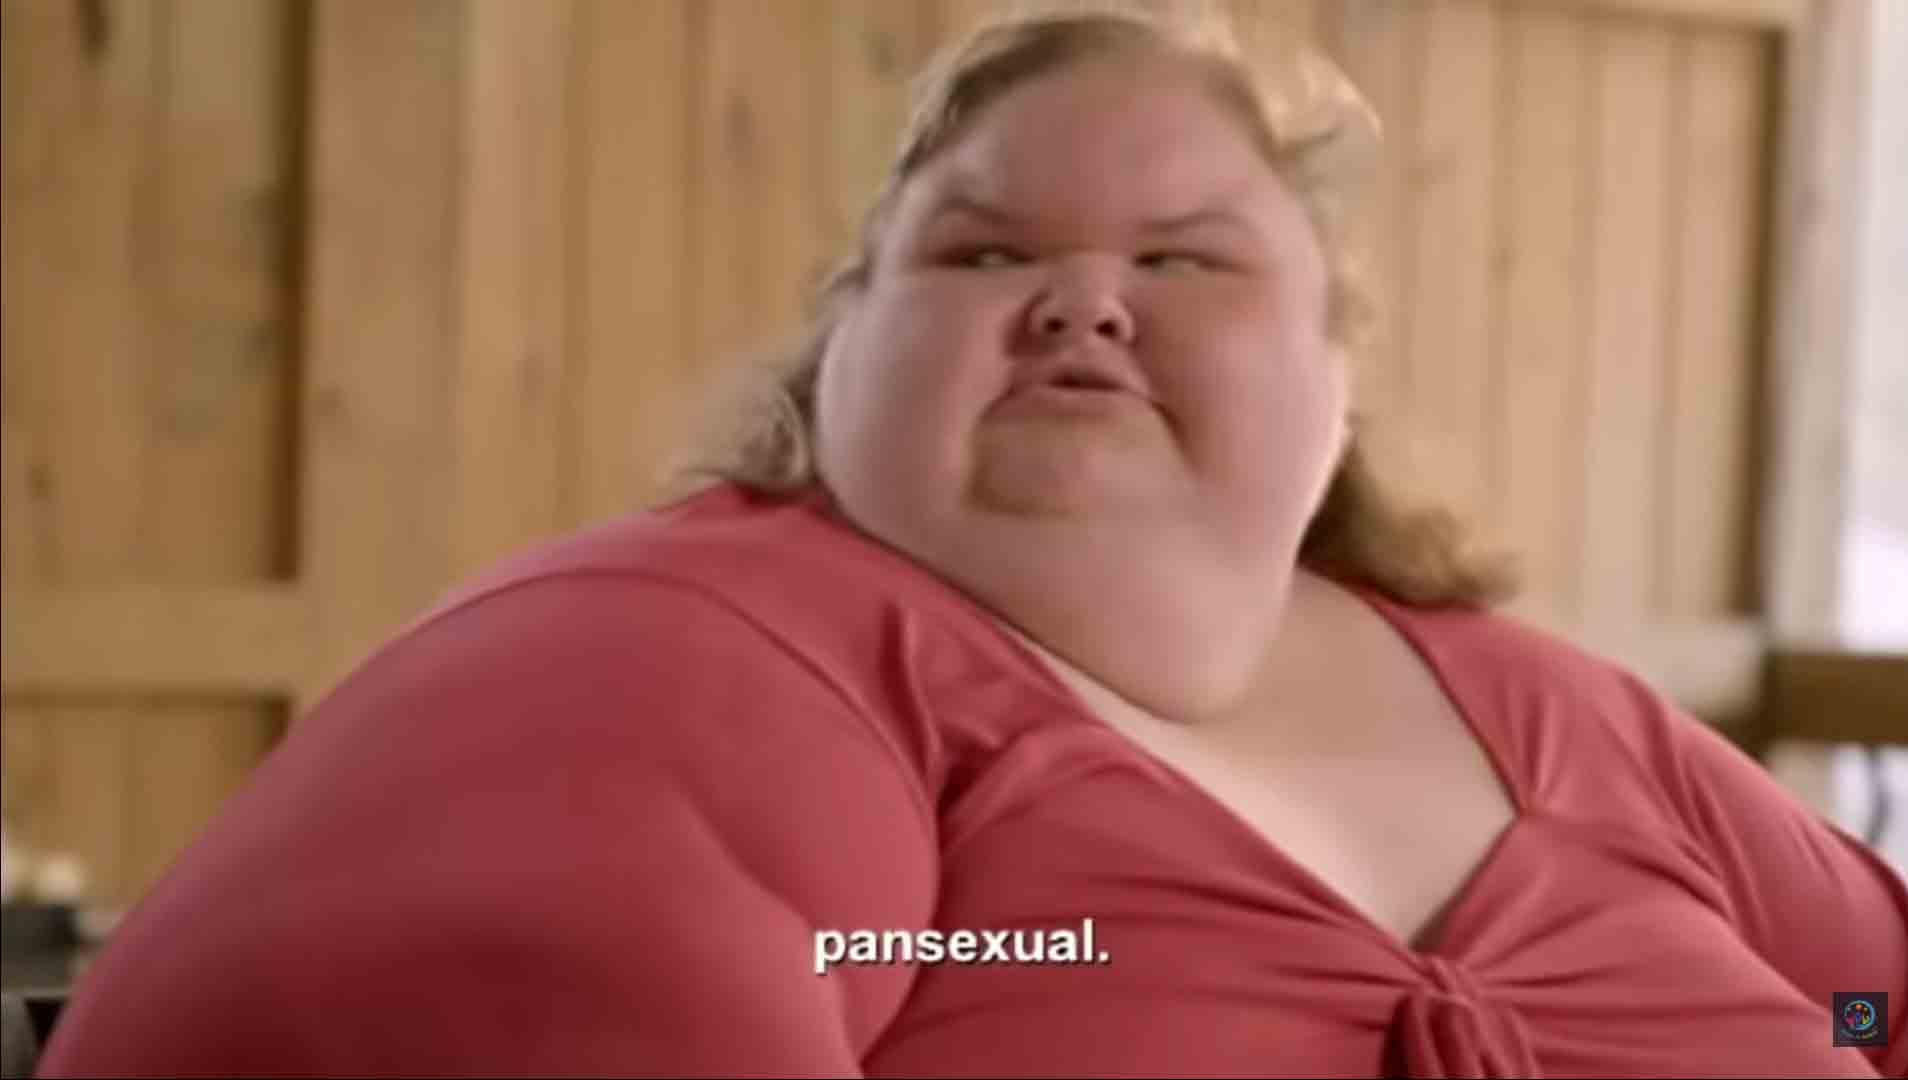 Depois que ele respondeu de que ela pode lhe dizer 'qualquer coisa', ela disse: 'Eu sou pansexual'.. Foto: reprodução Youtube